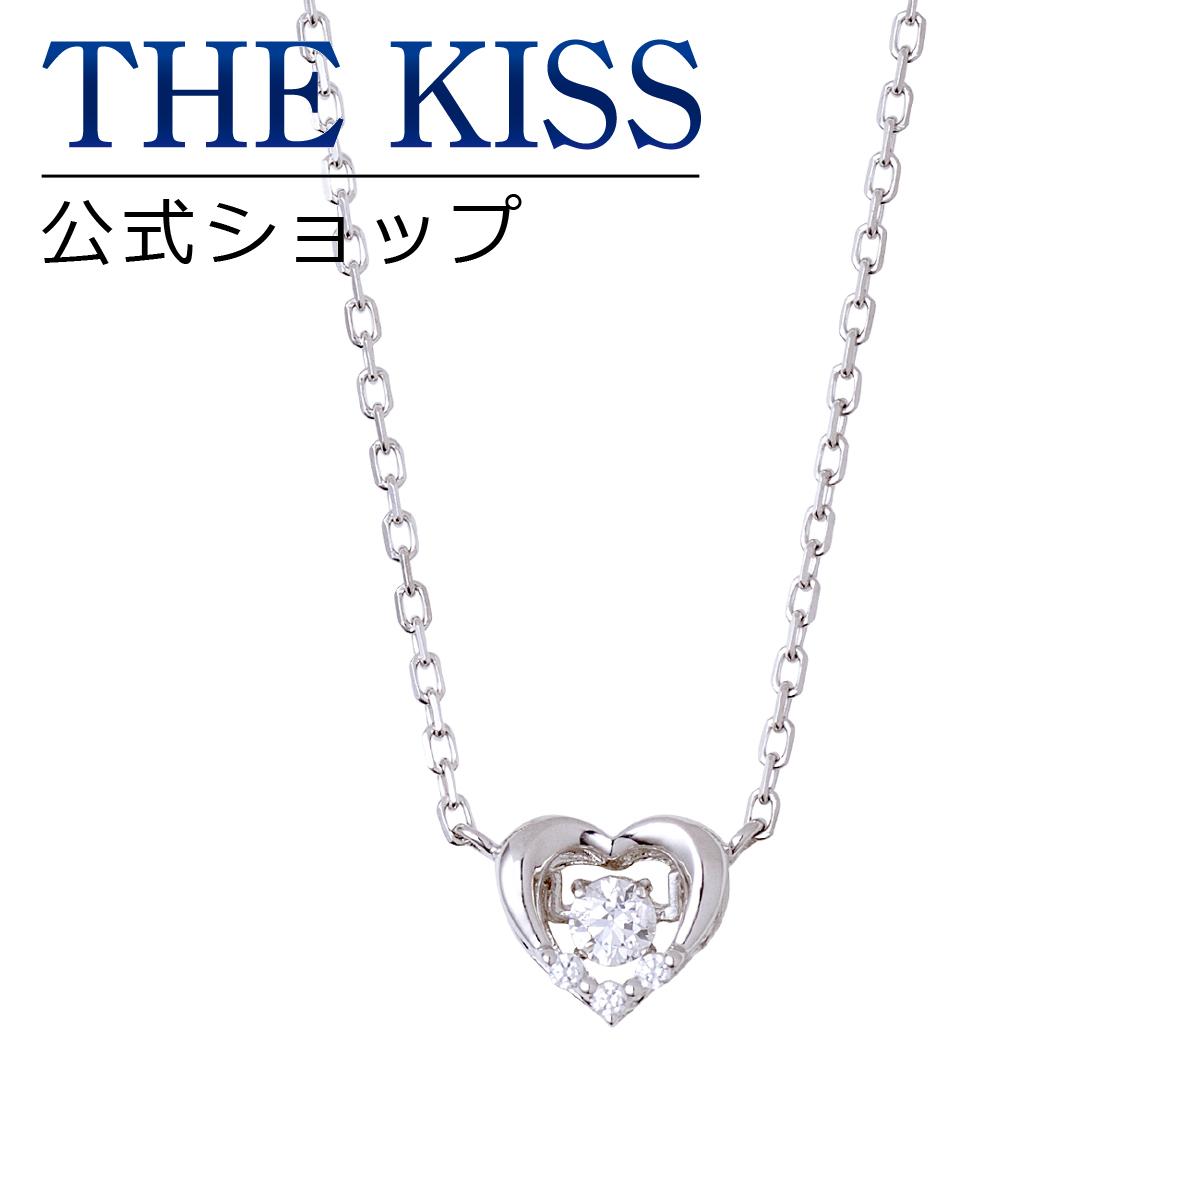 【あす楽対応】ダンシングストーン Dancing Stone THE KISS 公式サイト シルバー ネックレス レディースジュエリー・アクセサリー ジュエリーブランド THEKISS ネックレス・ペンダント 記念日 SPD1409CB ザキス 【Twinkling】【送料無料】